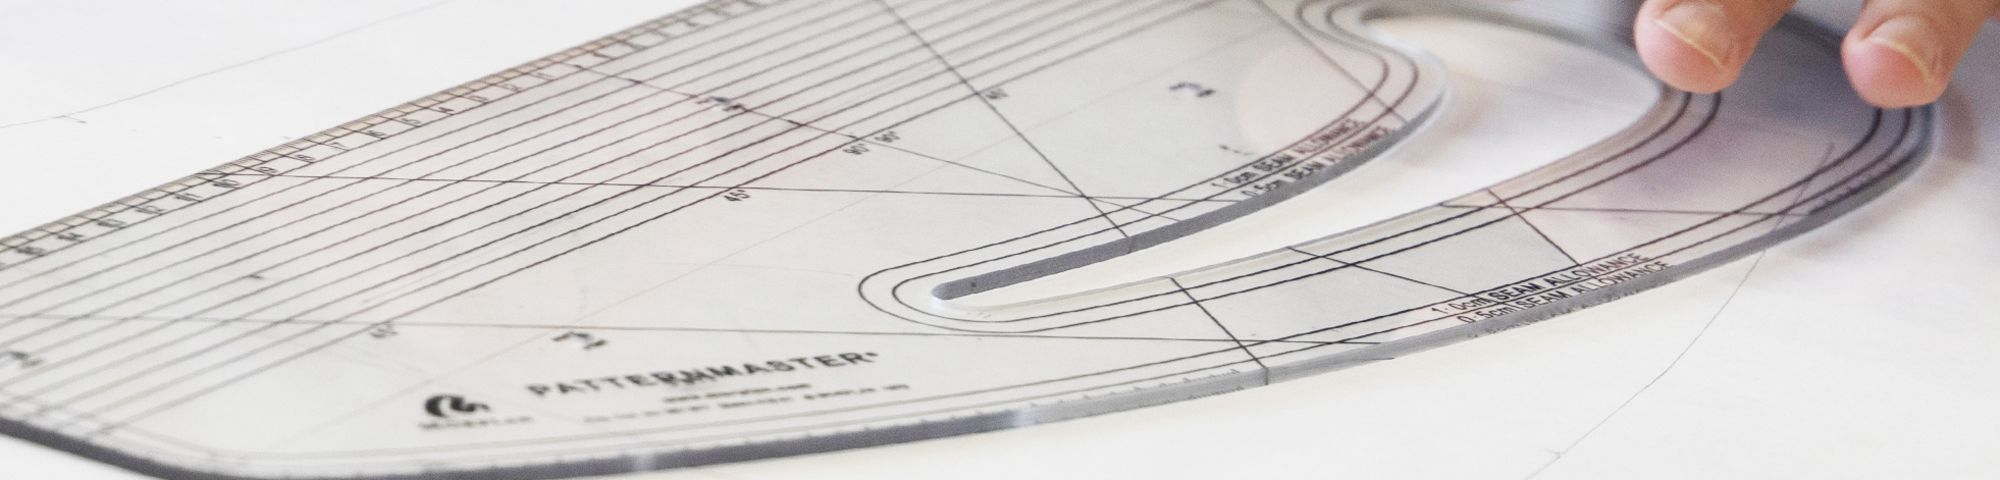 Measuring ruler on paper, Patternmaking - Level 2, © Central Saint Martins BANNER